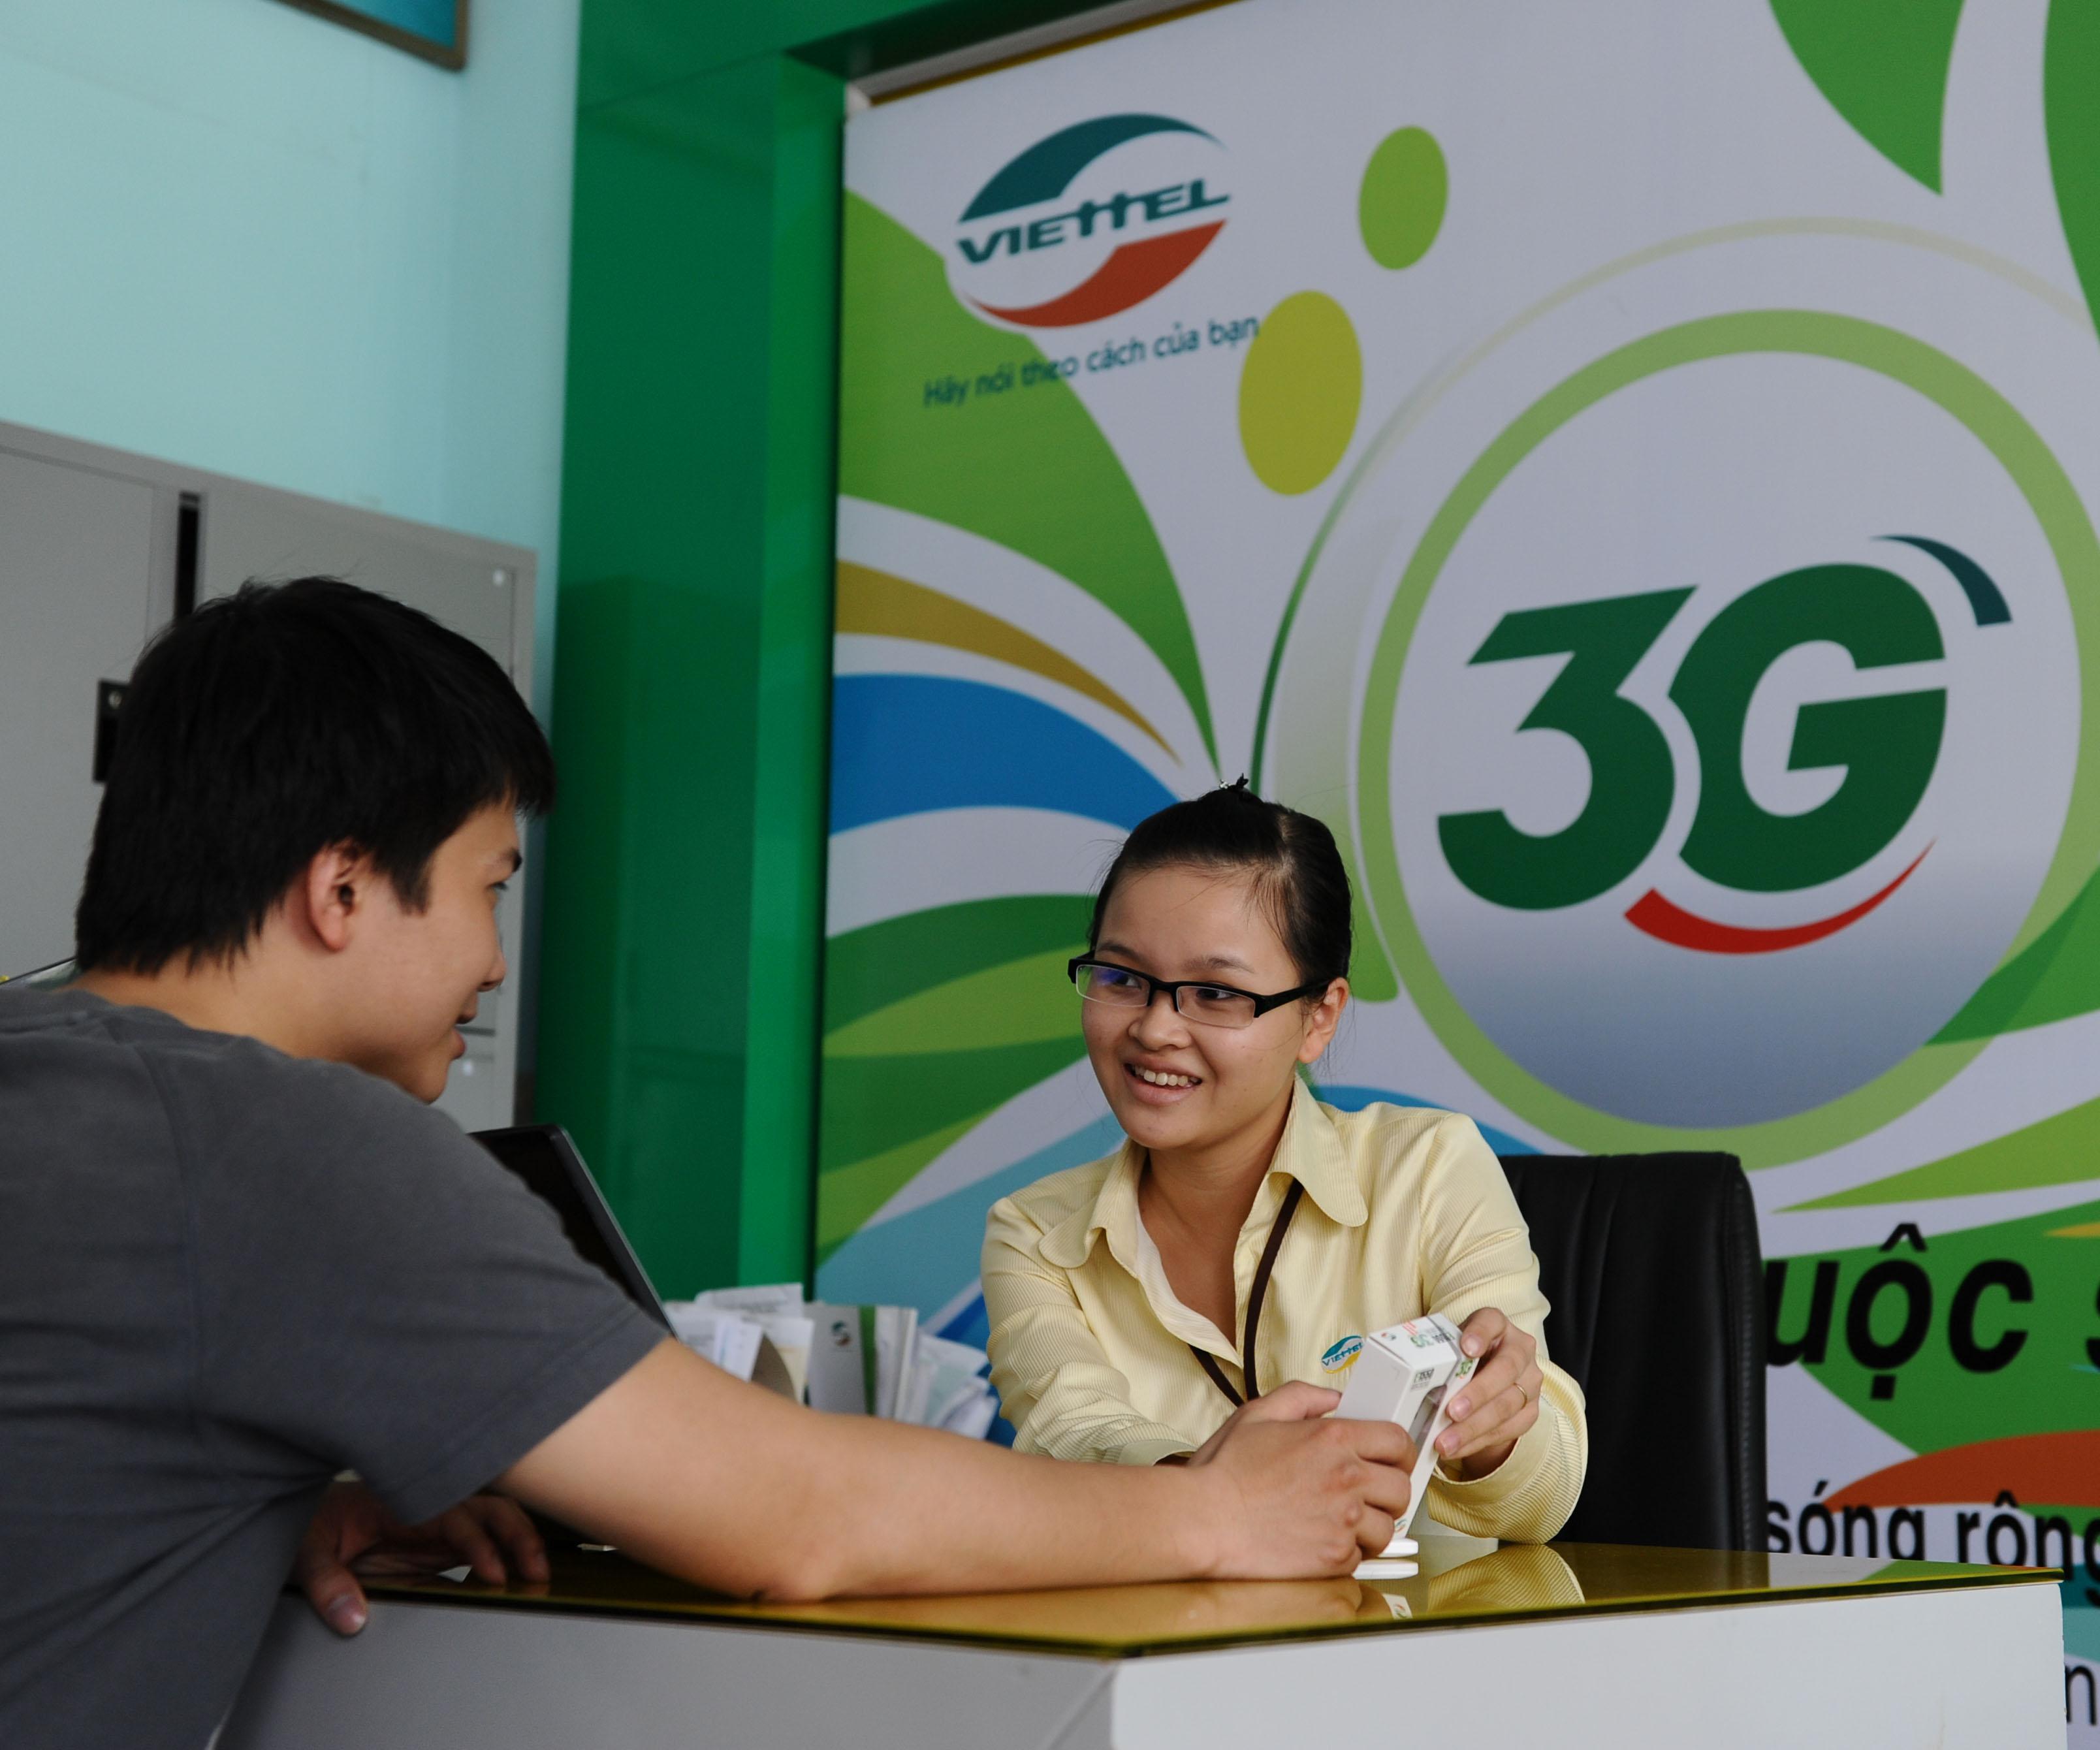 thumb0 306390110645019 - Viettel hoàn thành thử nghiệm tăng tốc 3G